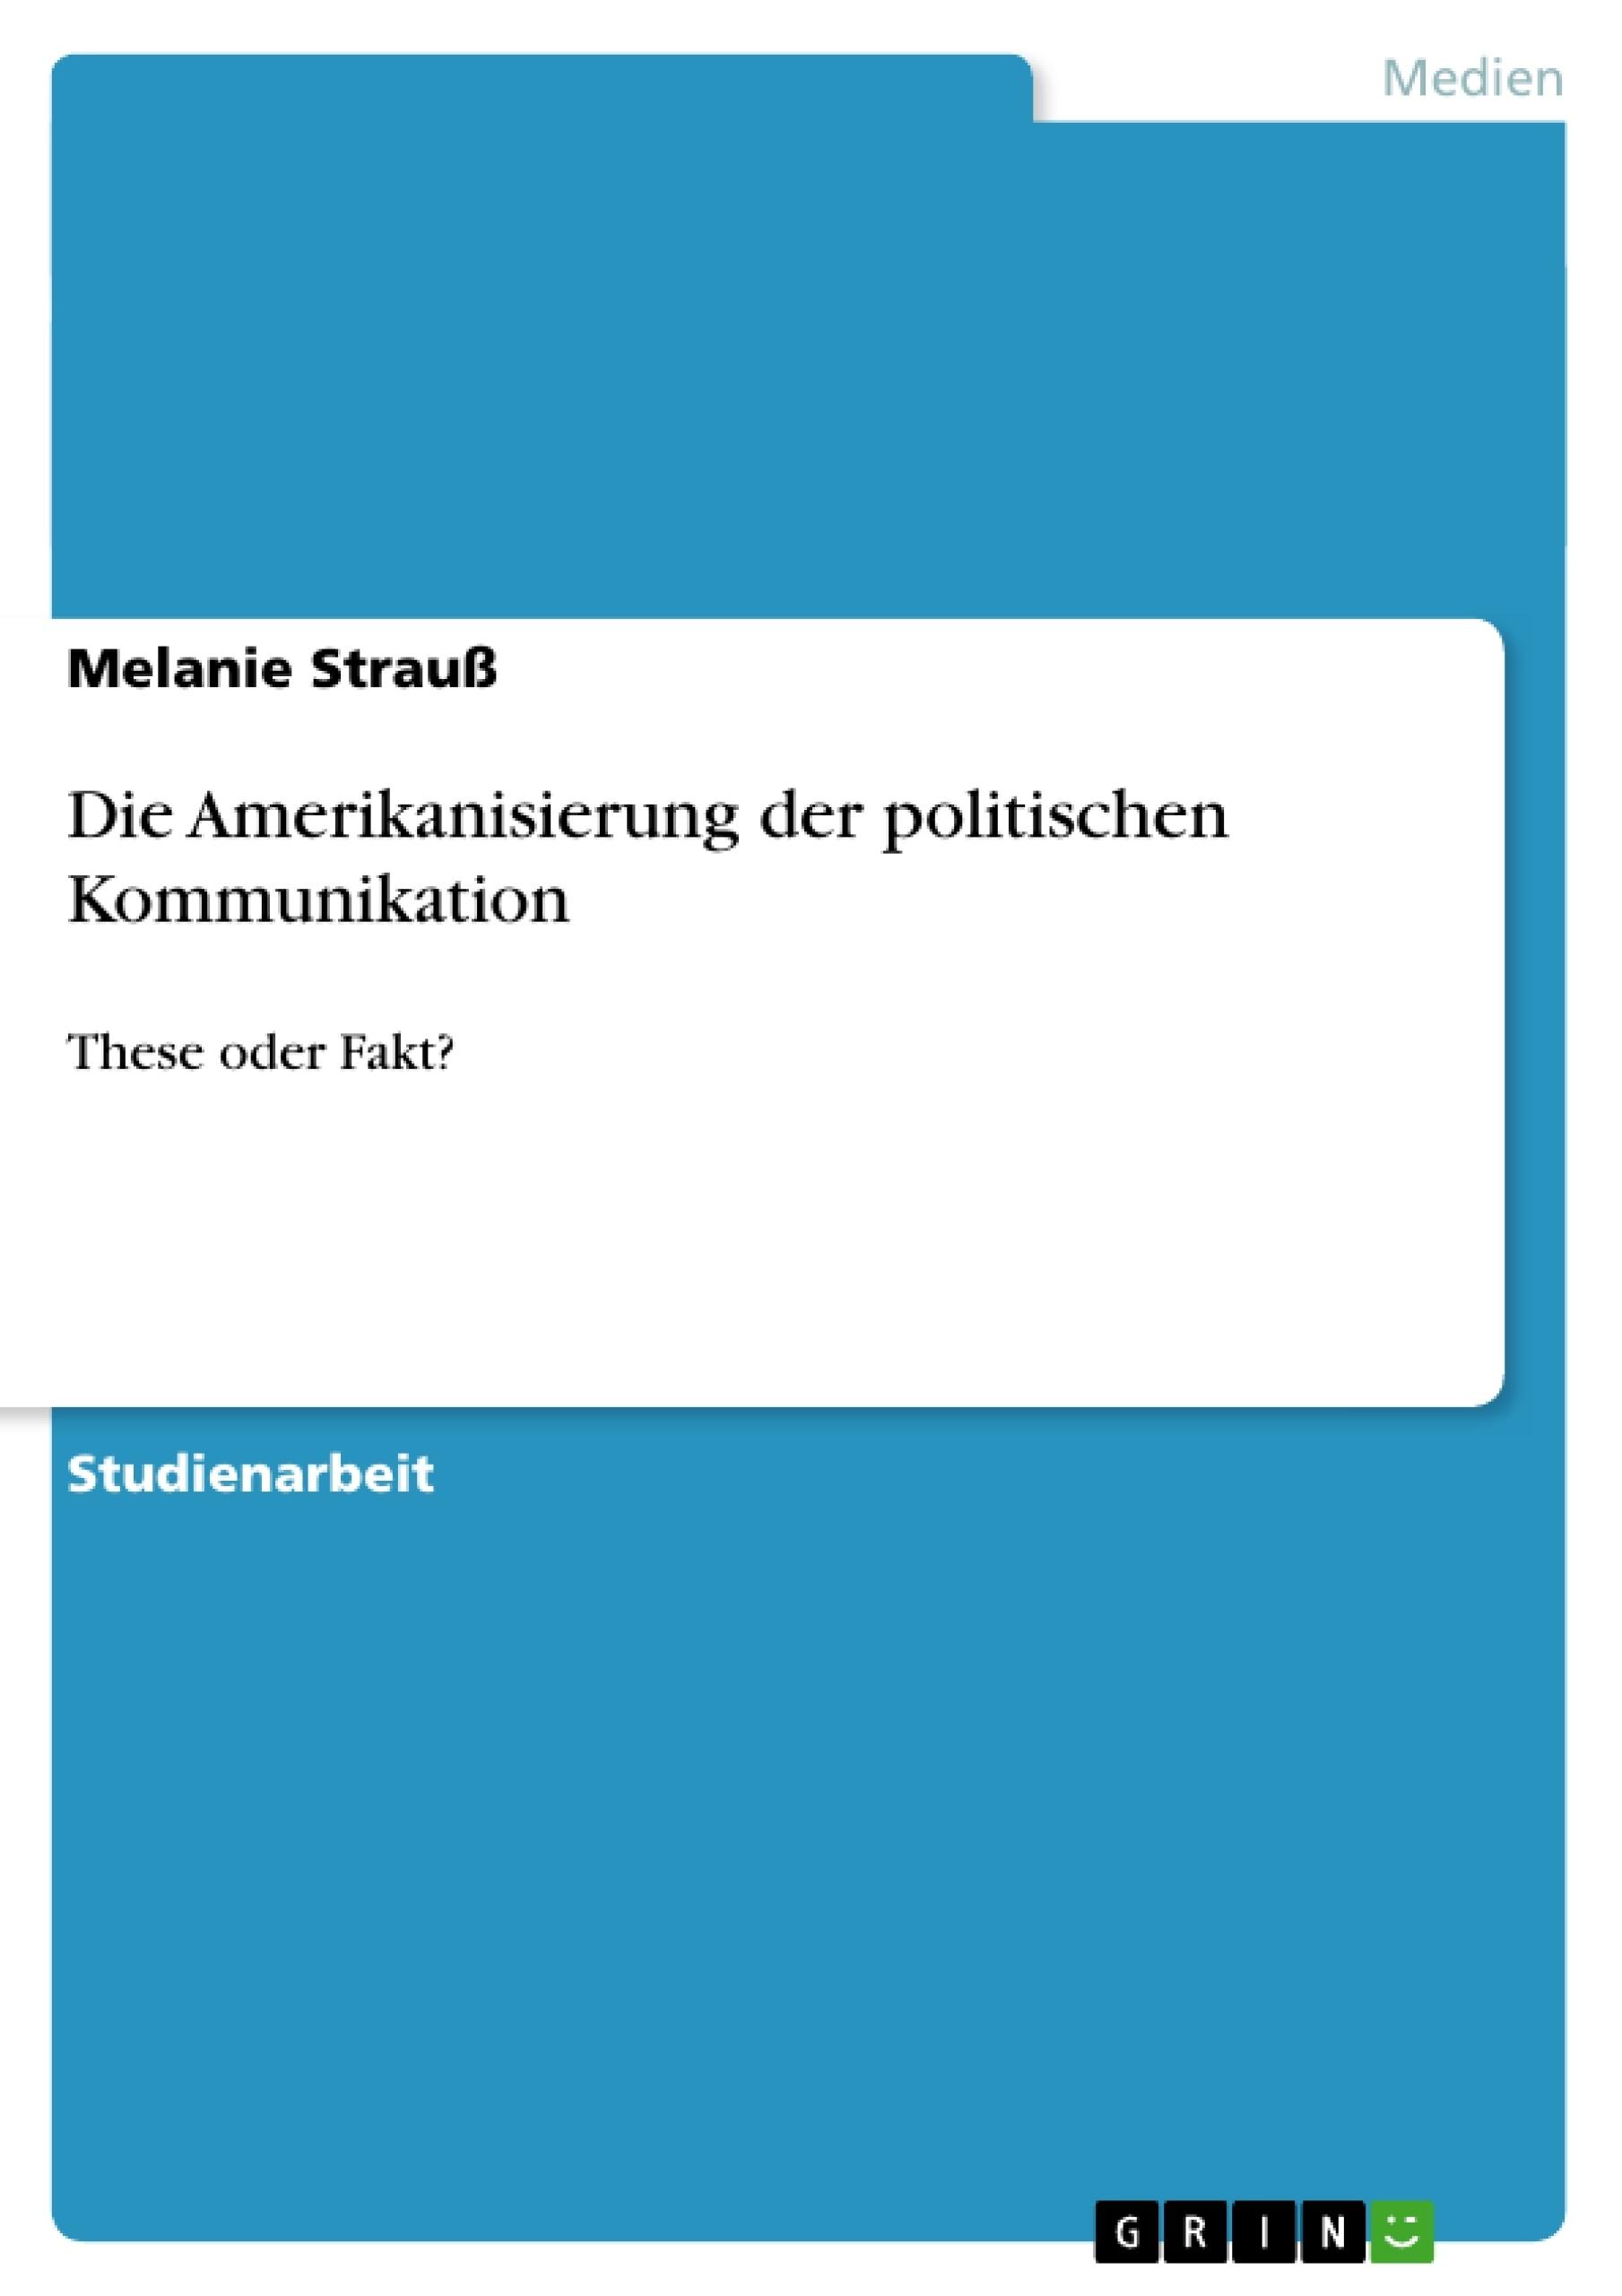 Titel: Die Amerikanisierung der politischen Kommunikation